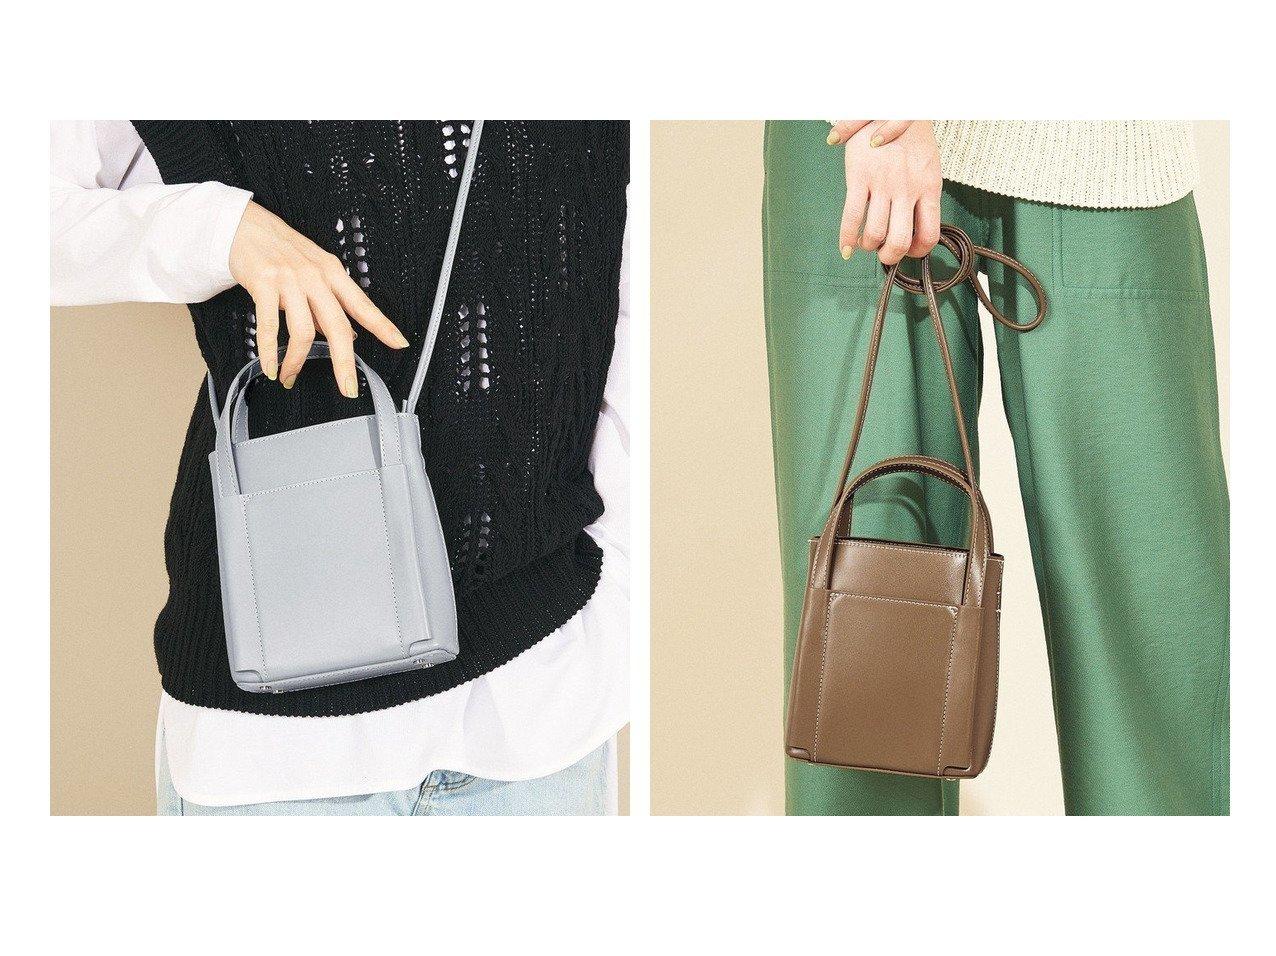 【BEAUTY&YOUTH / UNITED ARROWS/ビューティ&ユース ユナイテッドアローズ】のBY ミニスクエアステッチショルダーバッグ バッグ・鞄のおすすめ!人気、トレンド・レディースファッションの通販 おすすめで人気の流行・トレンド、ファッションの通販商品 メンズファッション・キッズファッション・インテリア・家具・レディースファッション・服の通販 founy(ファニー) https://founy.com/ ファッション Fashion レディースファッション WOMEN バッグ Bag 春 Spring スクエア トレンド バランス フェミニン ベーシック ポケット ラップ ワーク 再入荷 Restock/Back in Stock/Re Arrival S/S 春夏 SS Spring/Summer おすすめ Recommend |ID:crp329100000023935